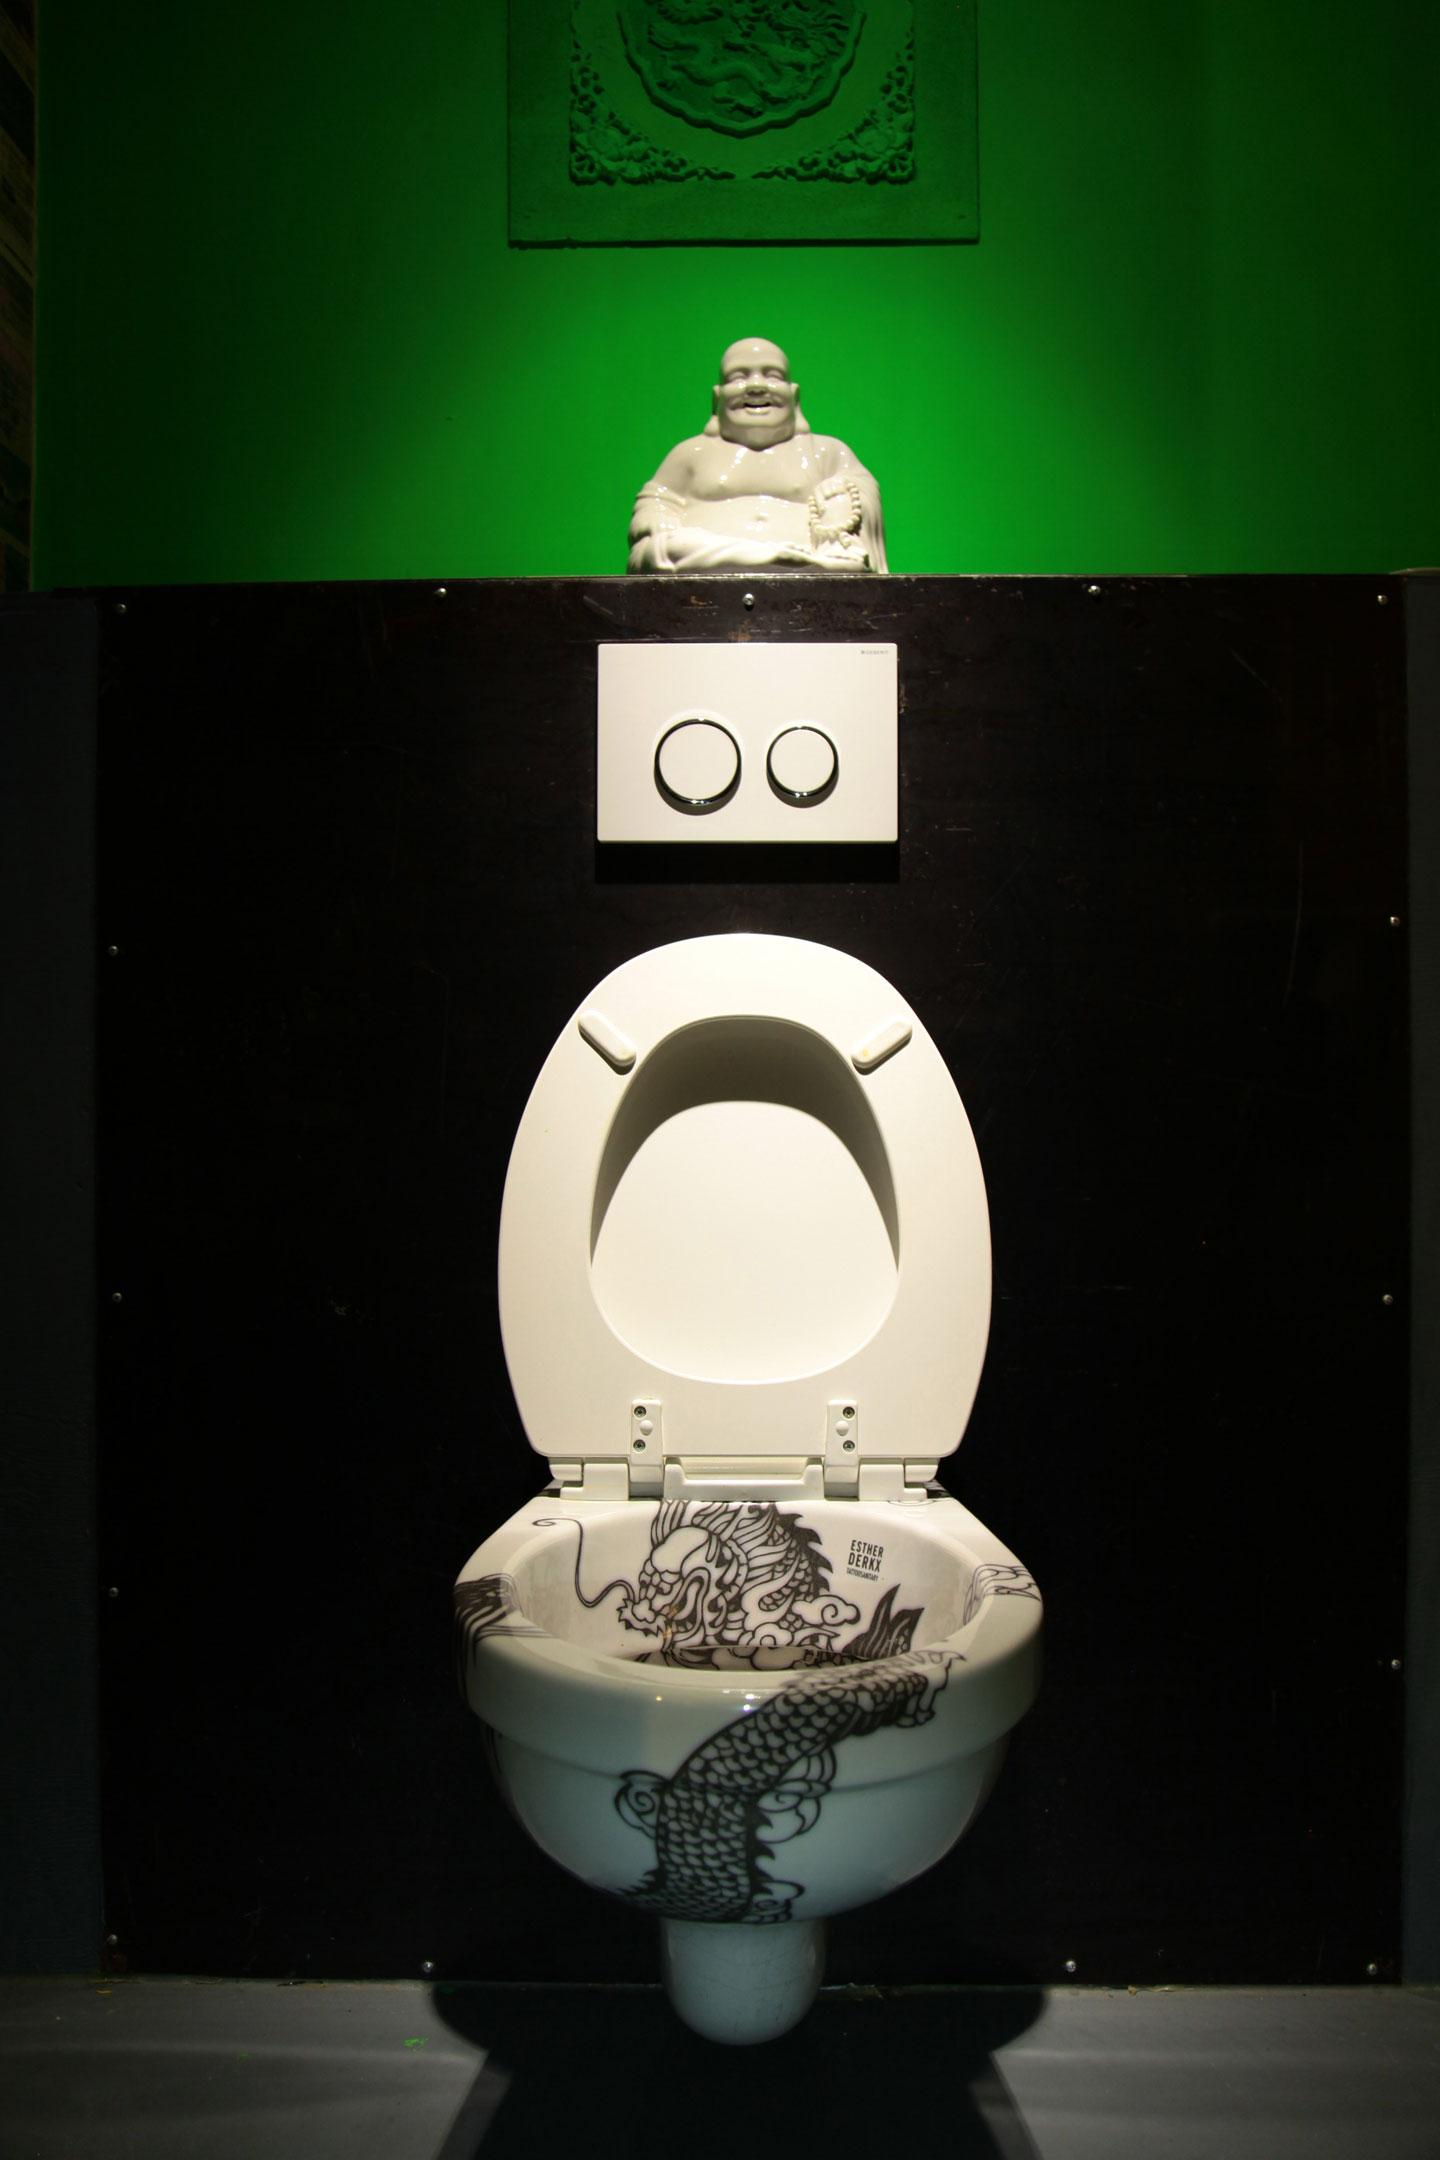 Design toilet met ontwerp van chinese draak esther derkx - Decoratie toilet ontwerp ...